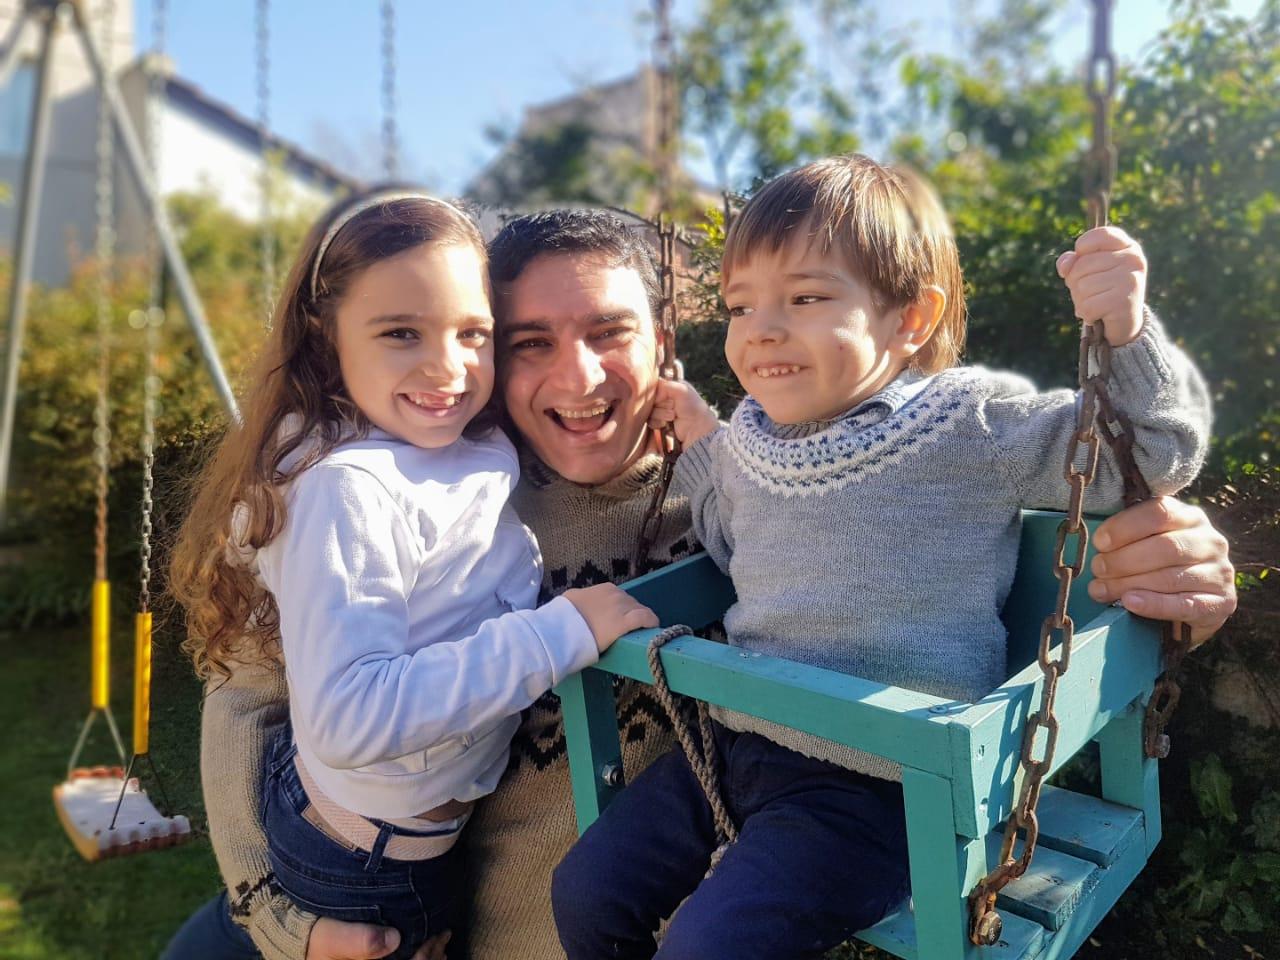 """""""No sabés lo que fue dejarlo quieto al enano"""", contó el doctor Mariano Irigoin, jefe de emergencias del Hospital Materno Infantil, al posar para la foto en LA CAPITAL con sus dos pequeños hijos, Camila y Agustín. El objetivo se logró en la hamaca, uno de sus lugares preferidos."""